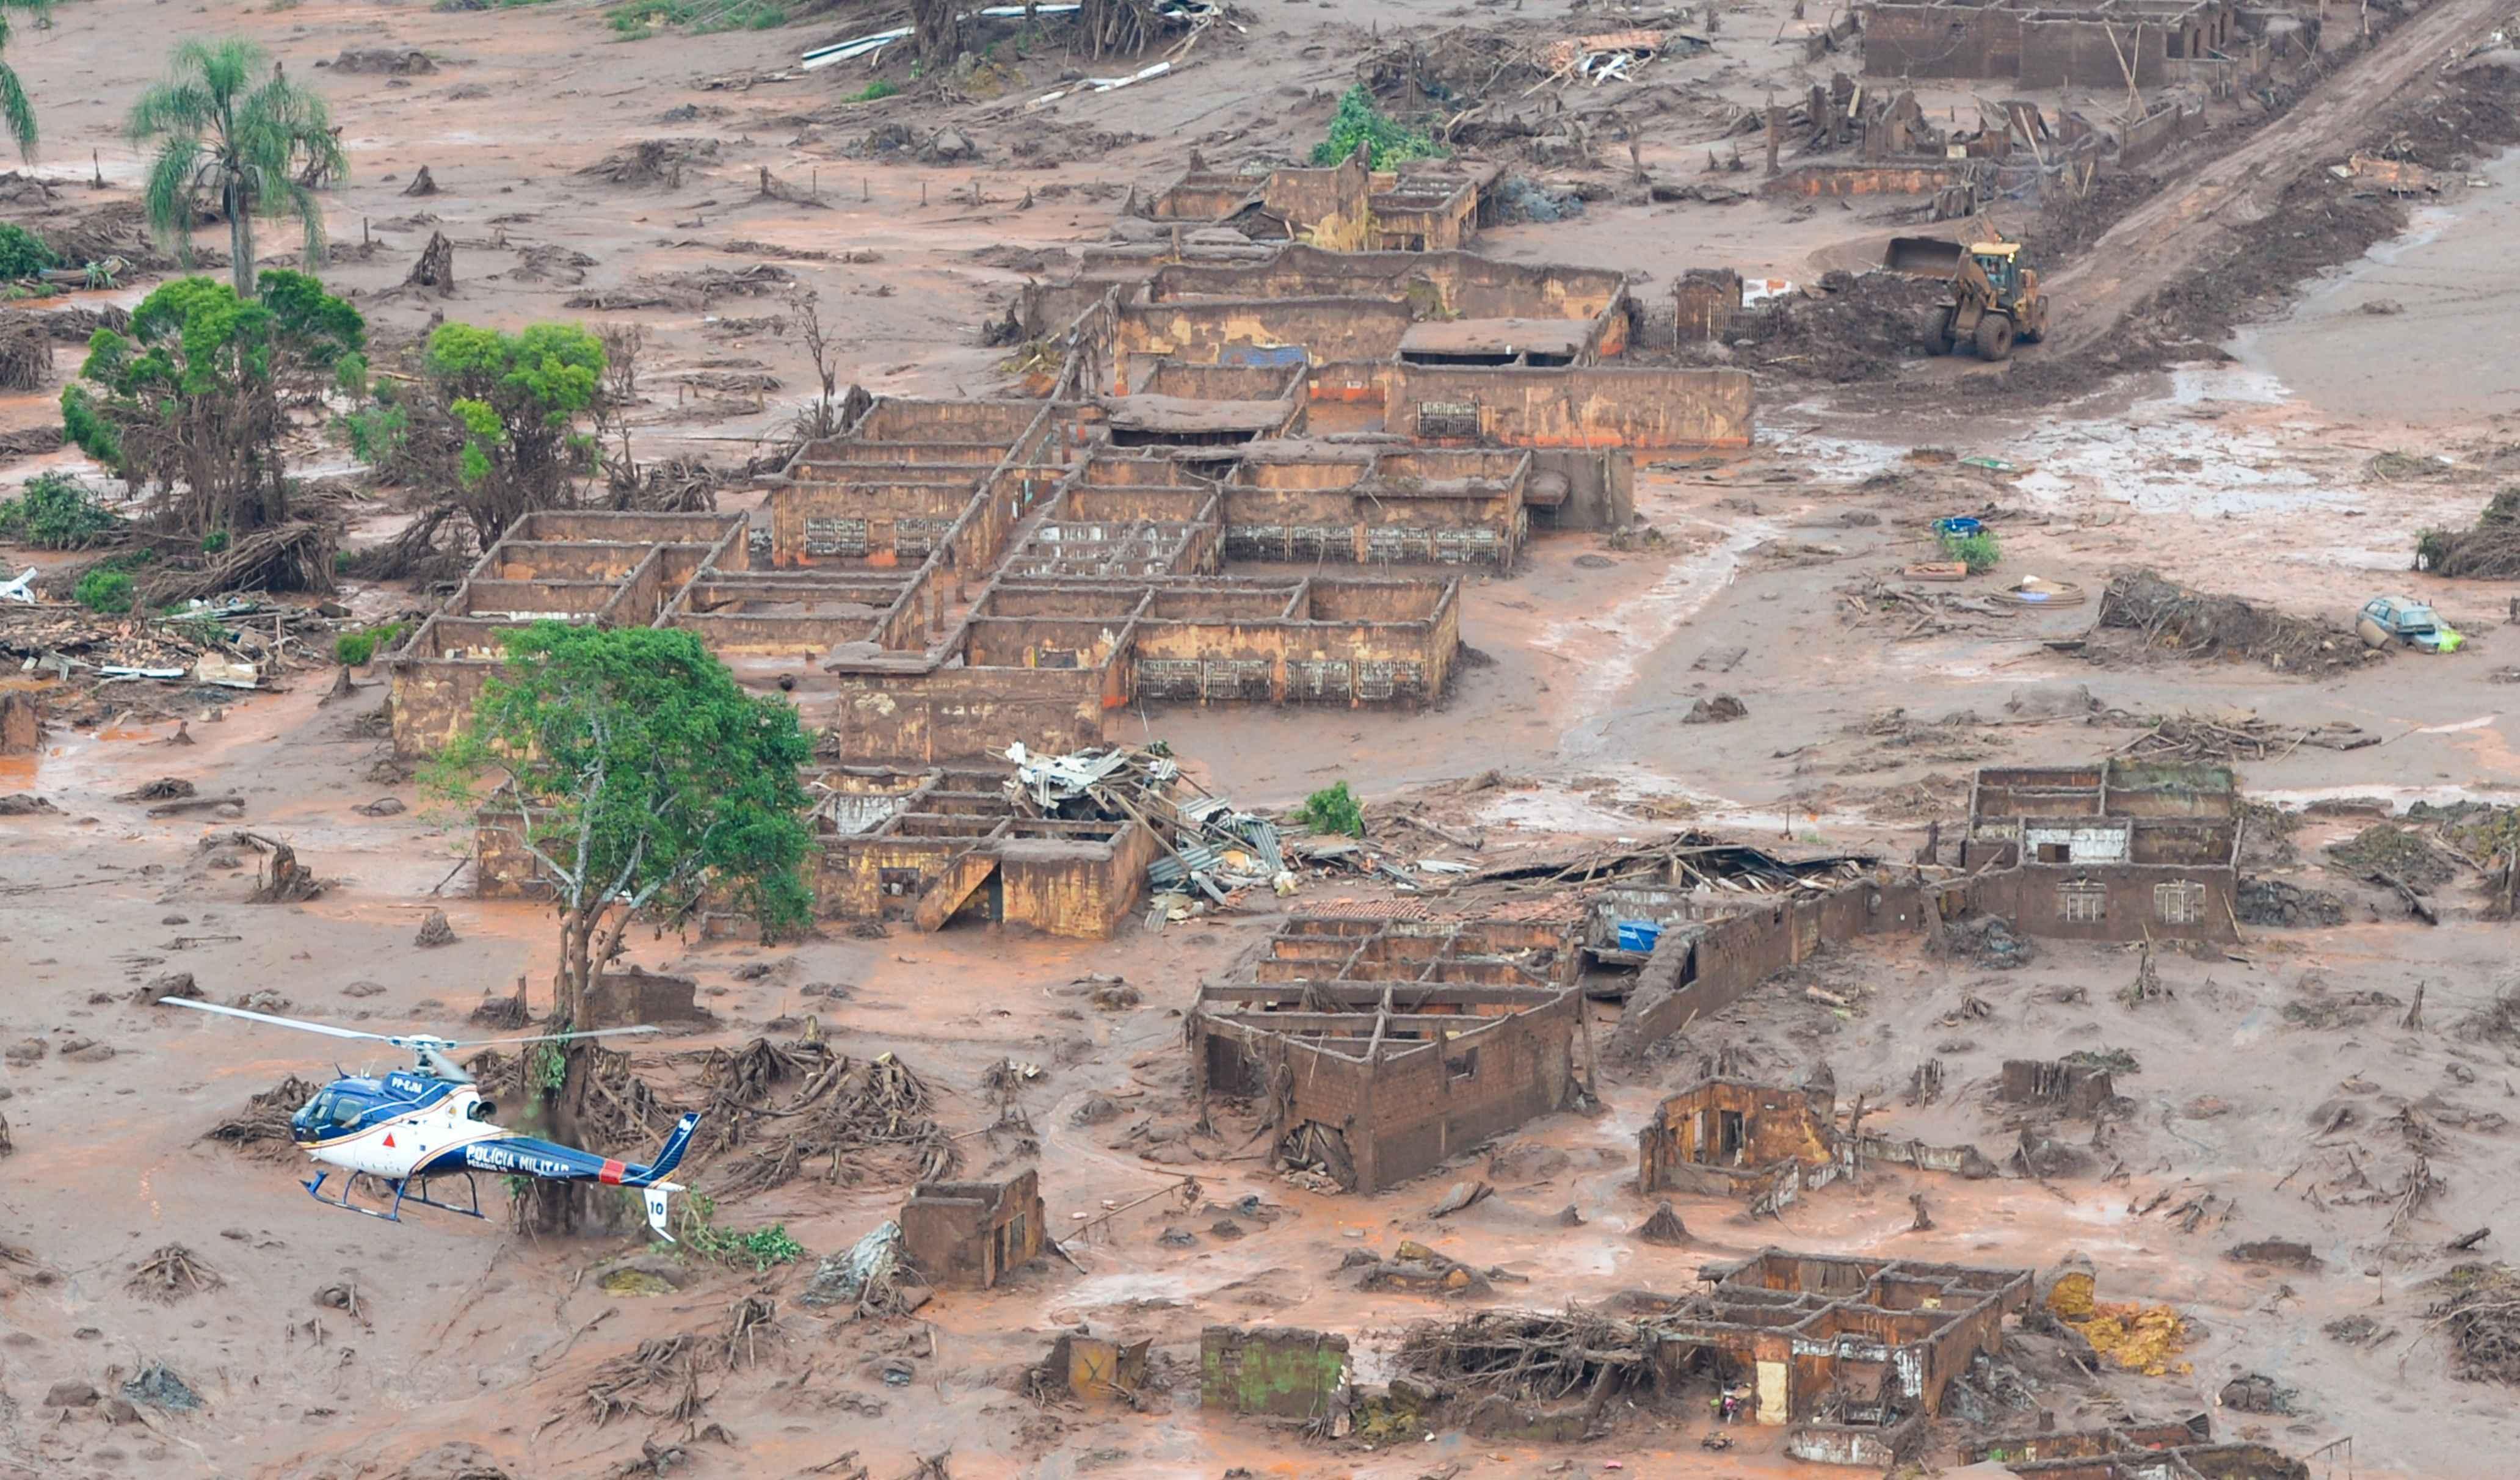 Vista aérea do distrito de Bento Rodrigues após o rompimento da barragem da Samarco, em novembro de 2015